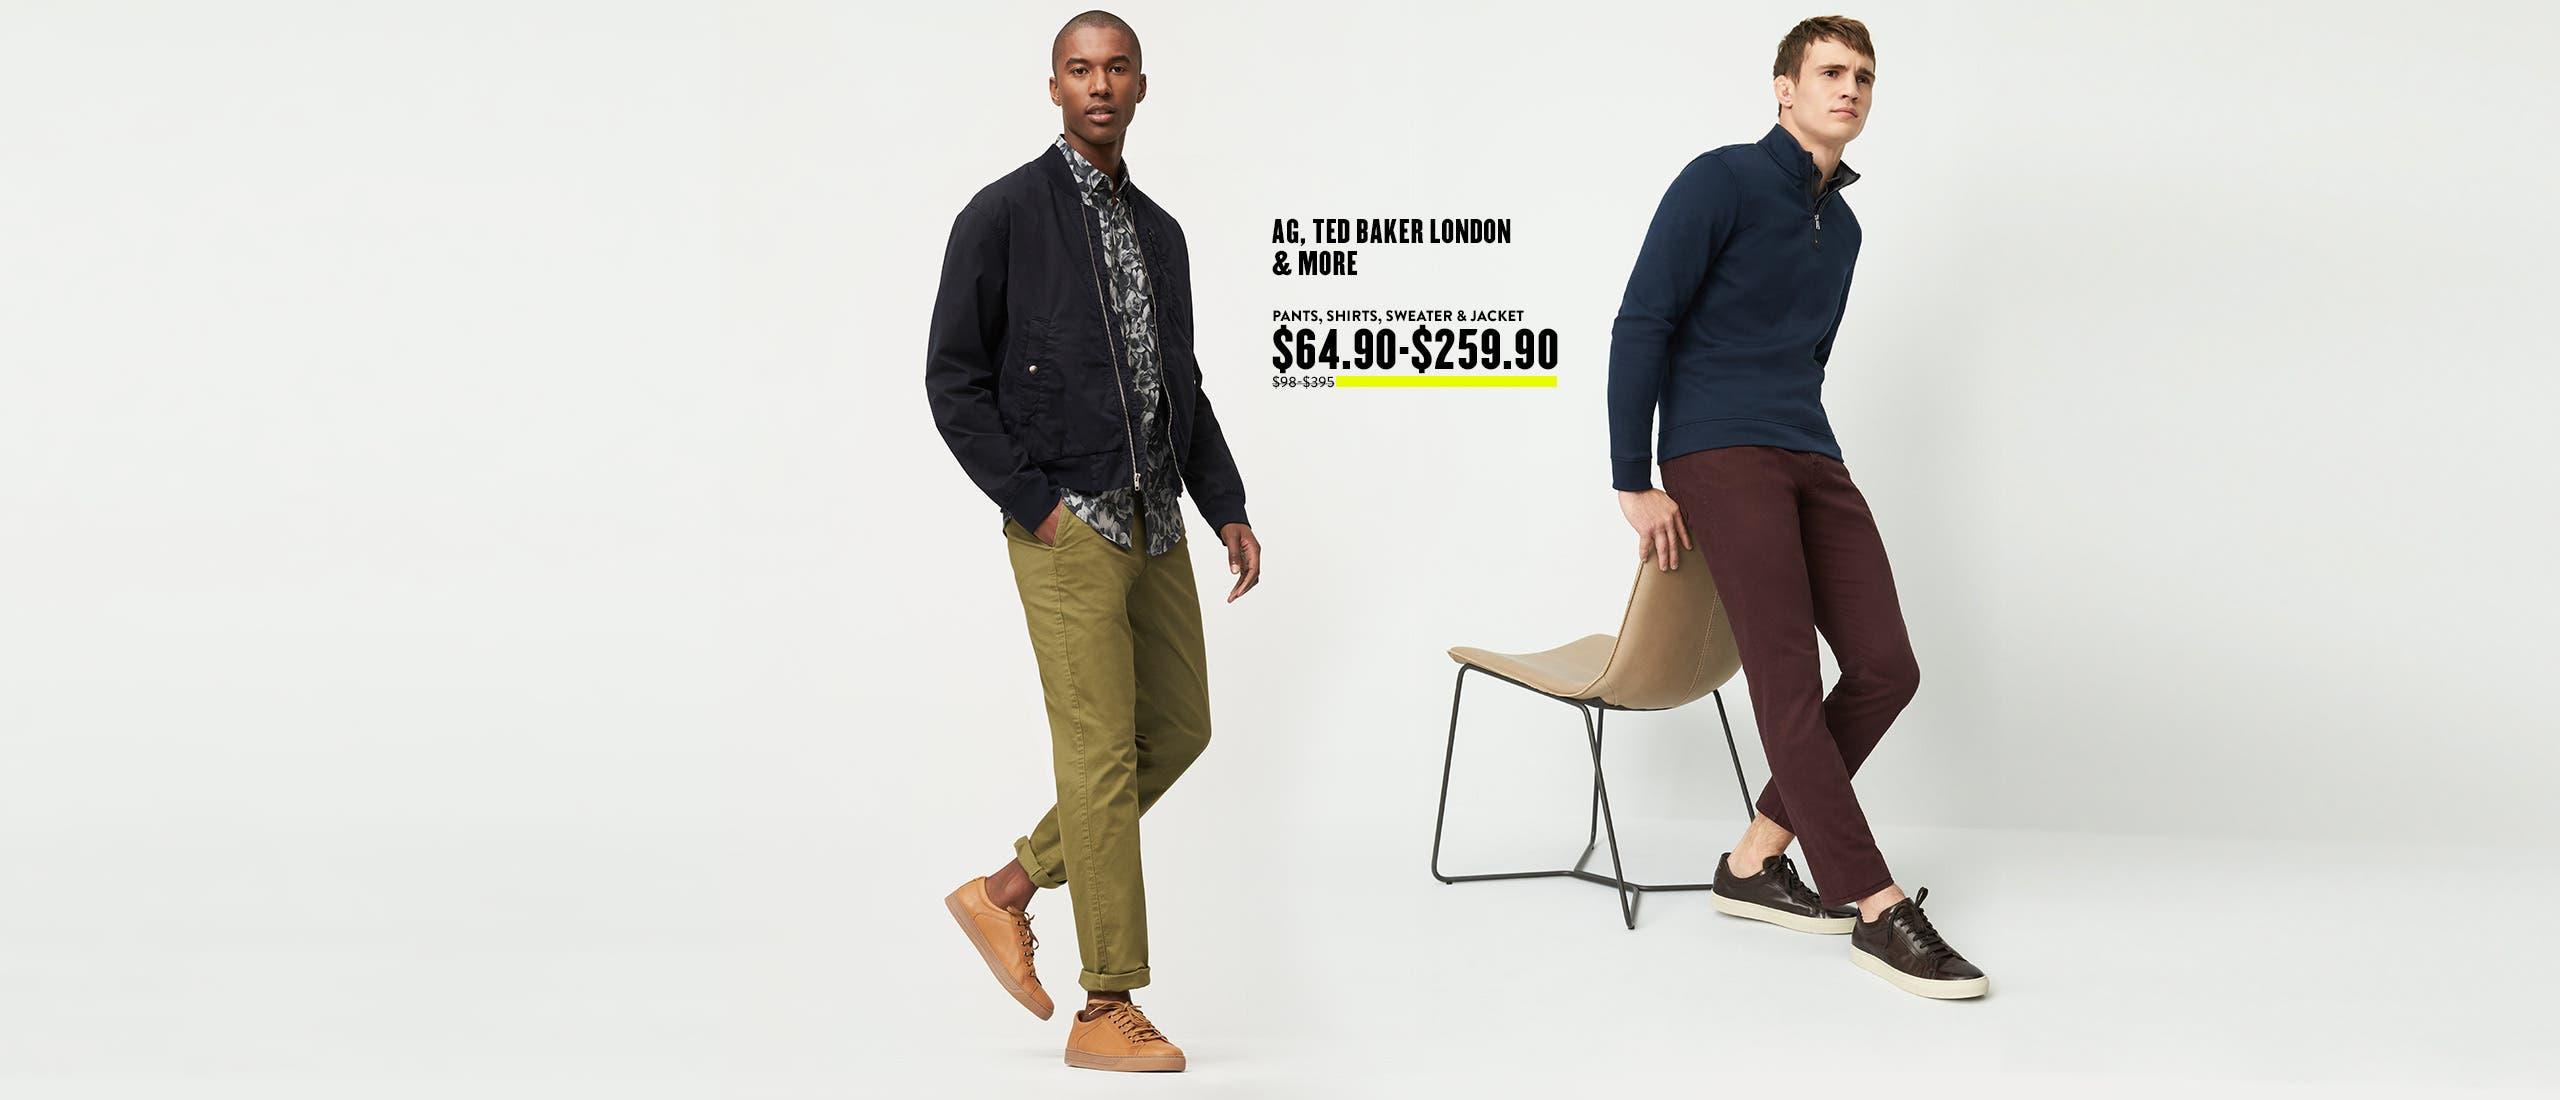 Pants, Shirts, Sweater & Jacket $64.90-$259.90.